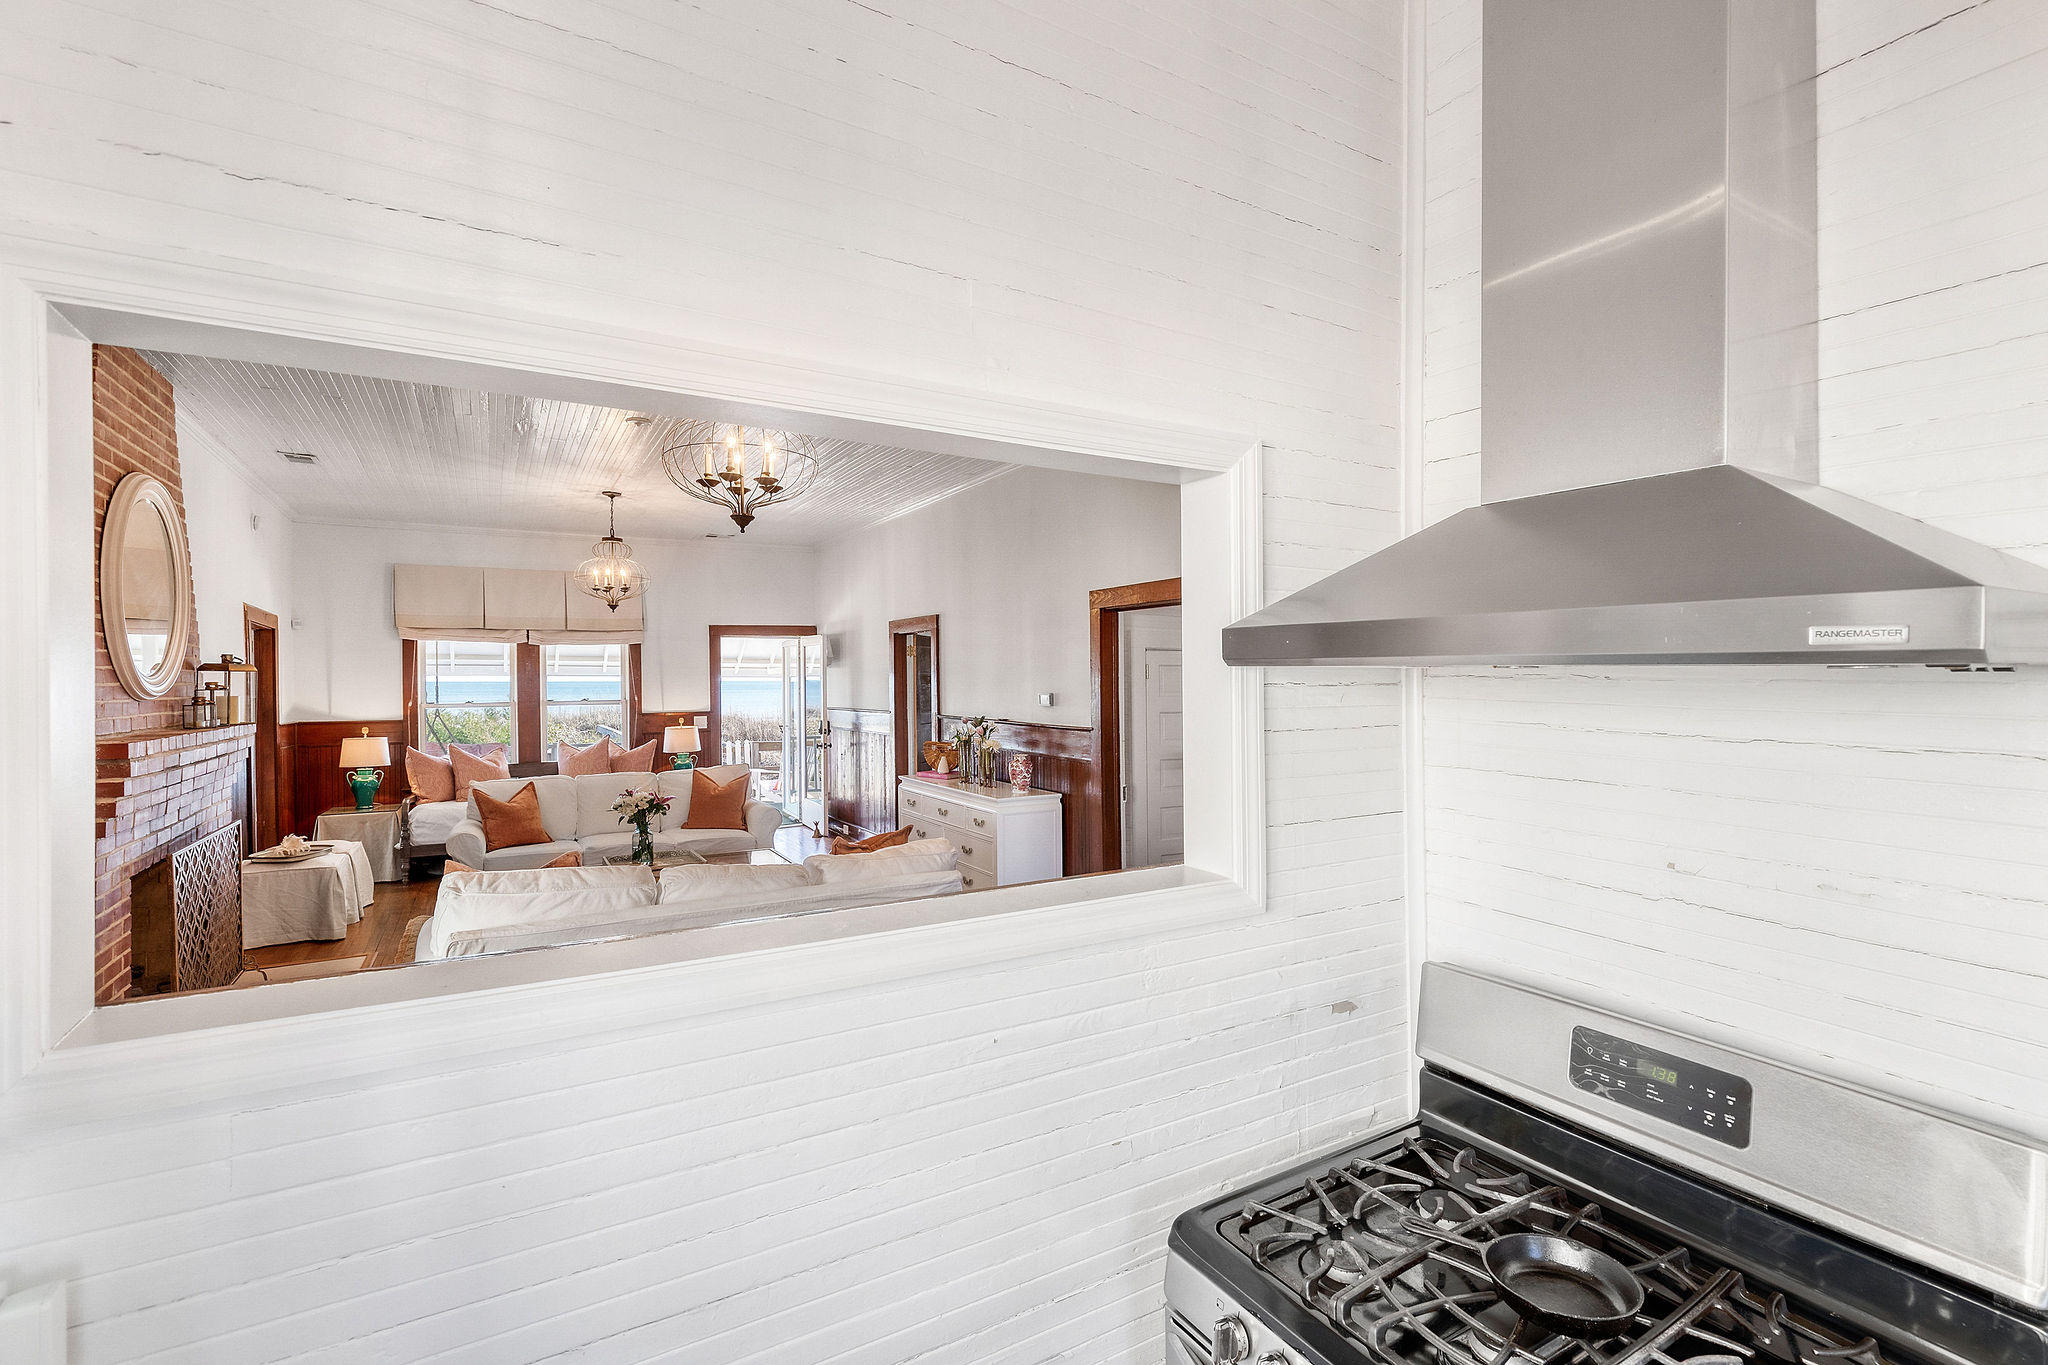 Folly Beach Homes For Sale - 509 Ashley, Folly Beach, SC - 25